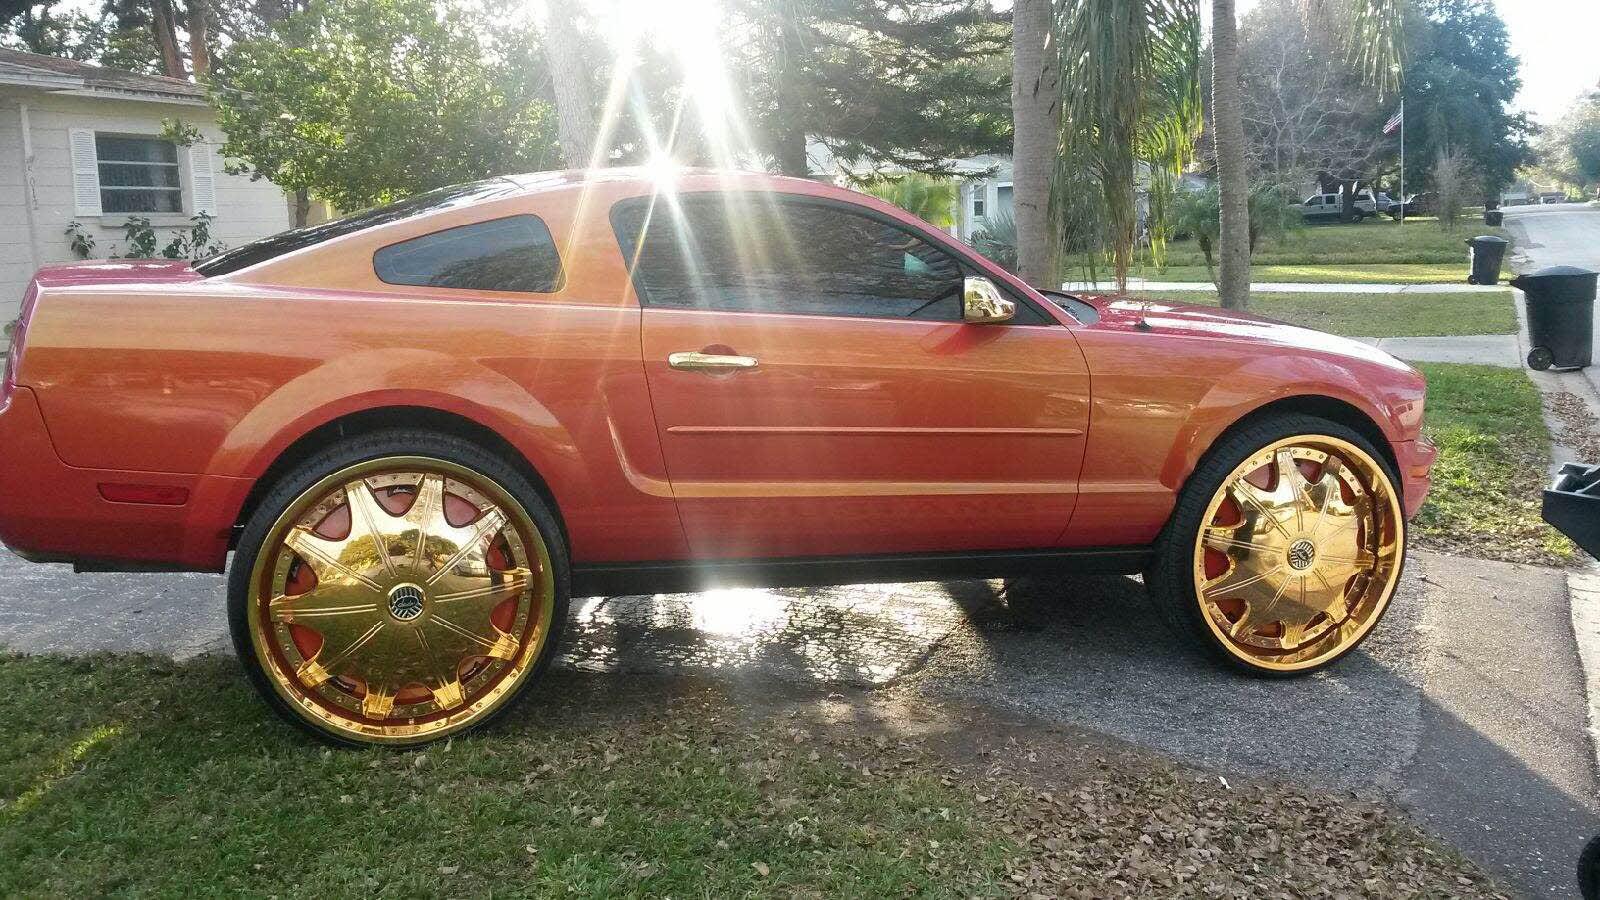 Outrageous paint 5k$24karat gold rims and accessories 28 ...